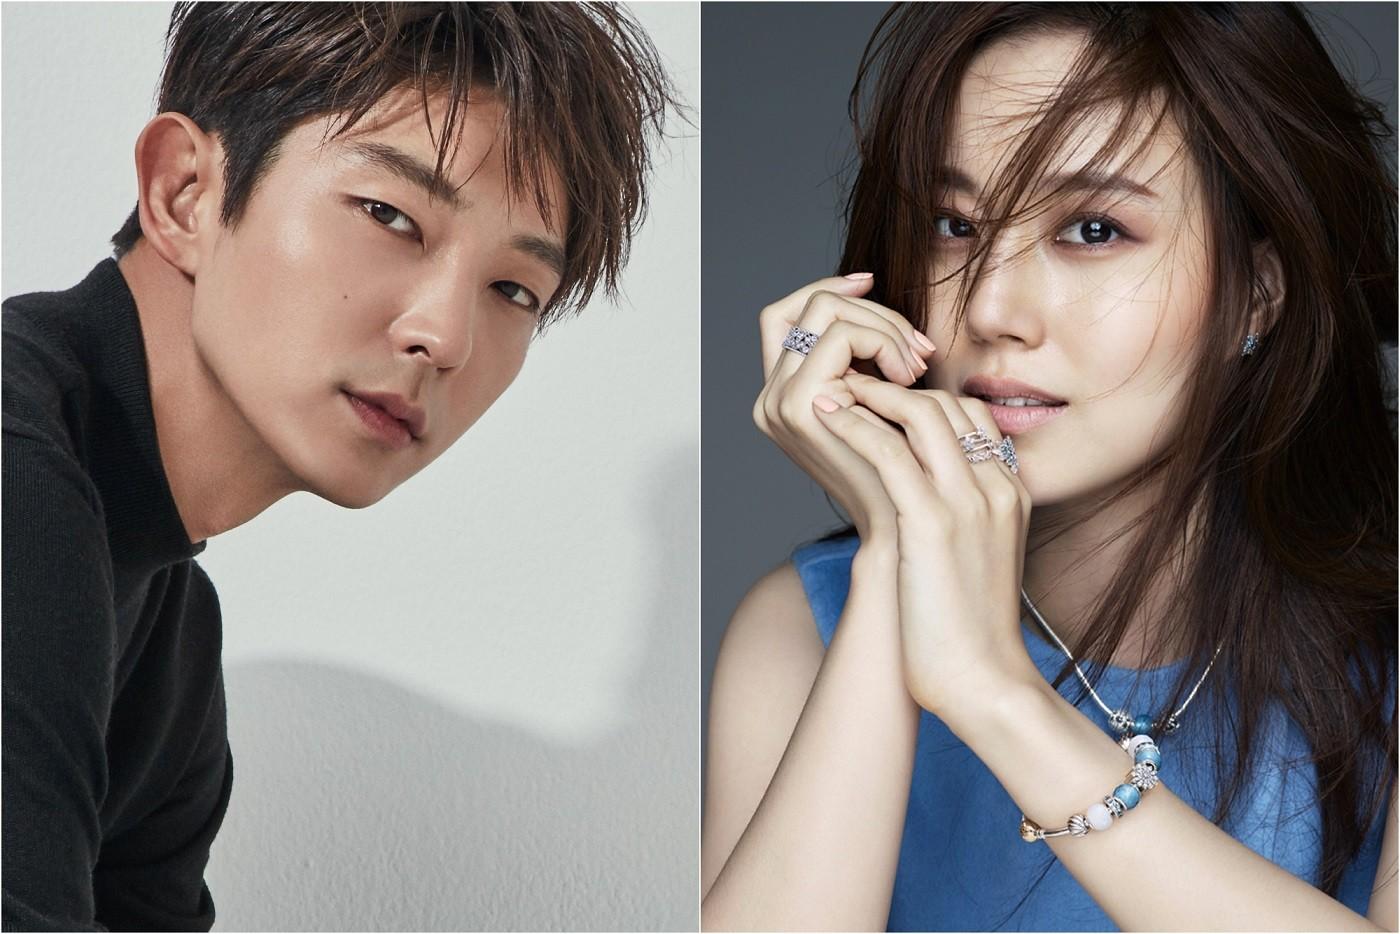 이준기X문채원, tvN '악의 꽃' 출연 확정 [공식]